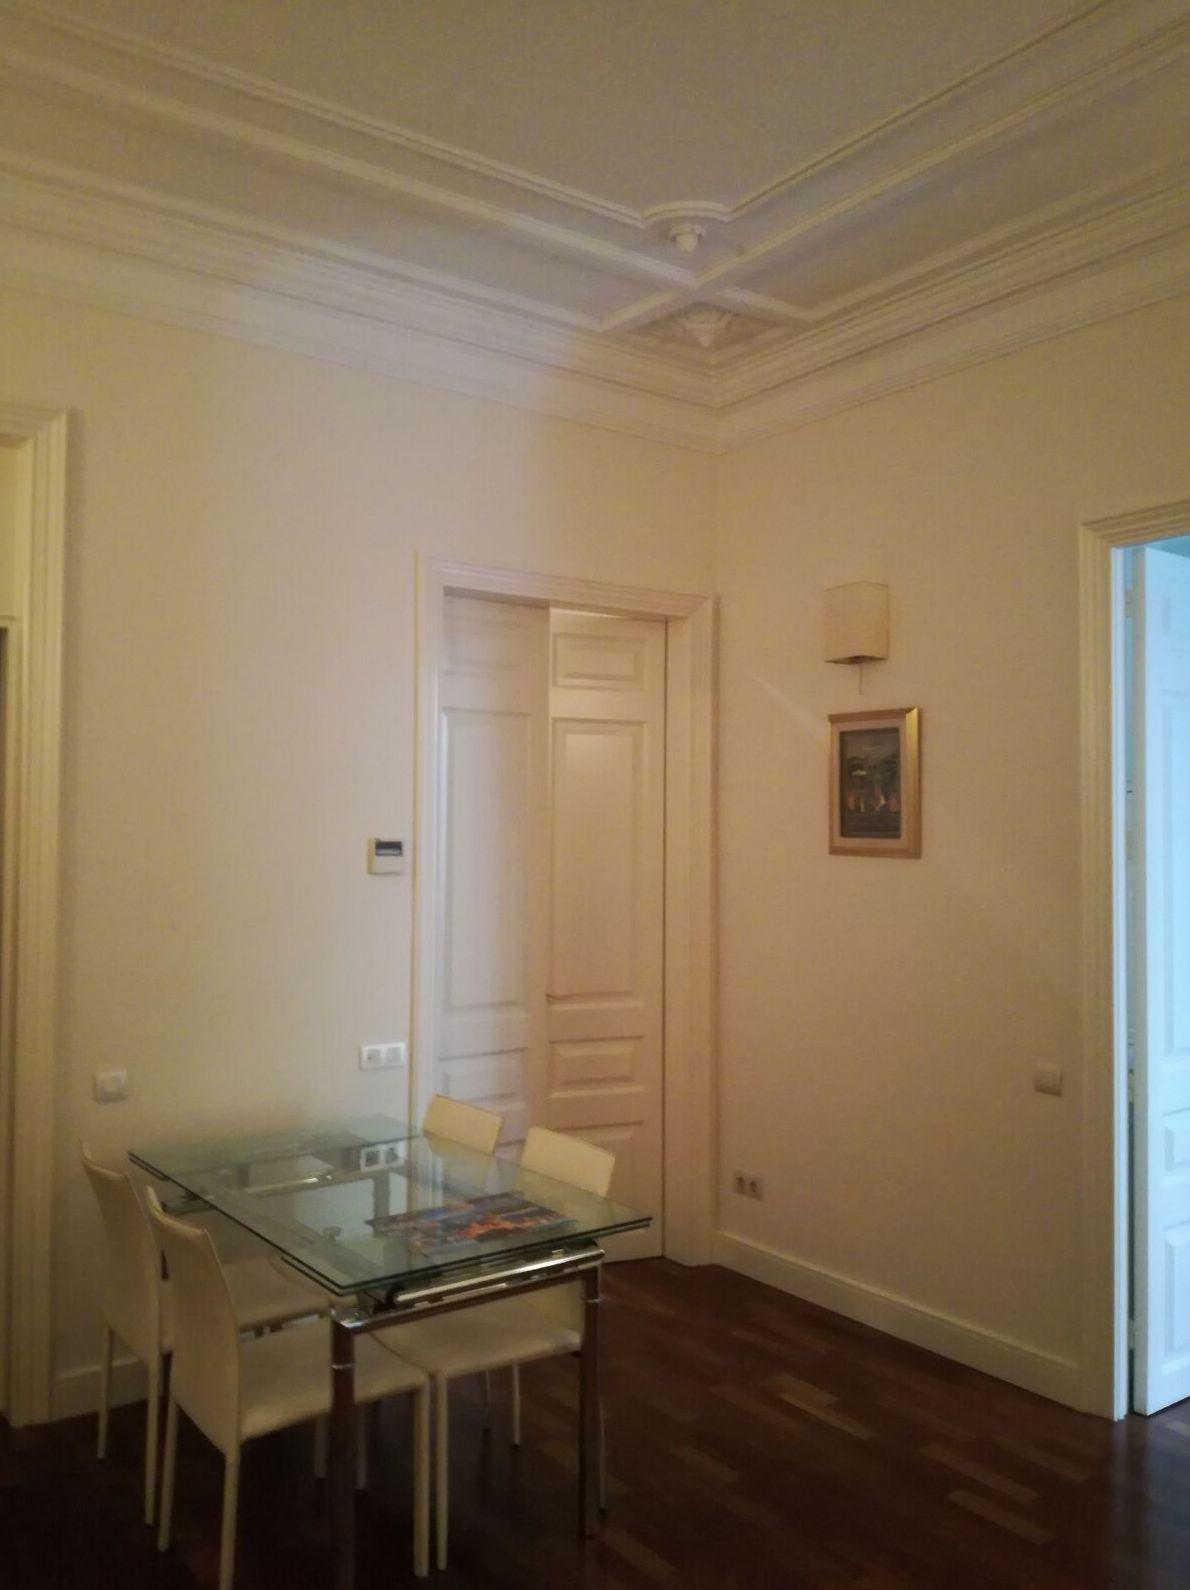 Pintura interior, lacado de puertas y zócalos.